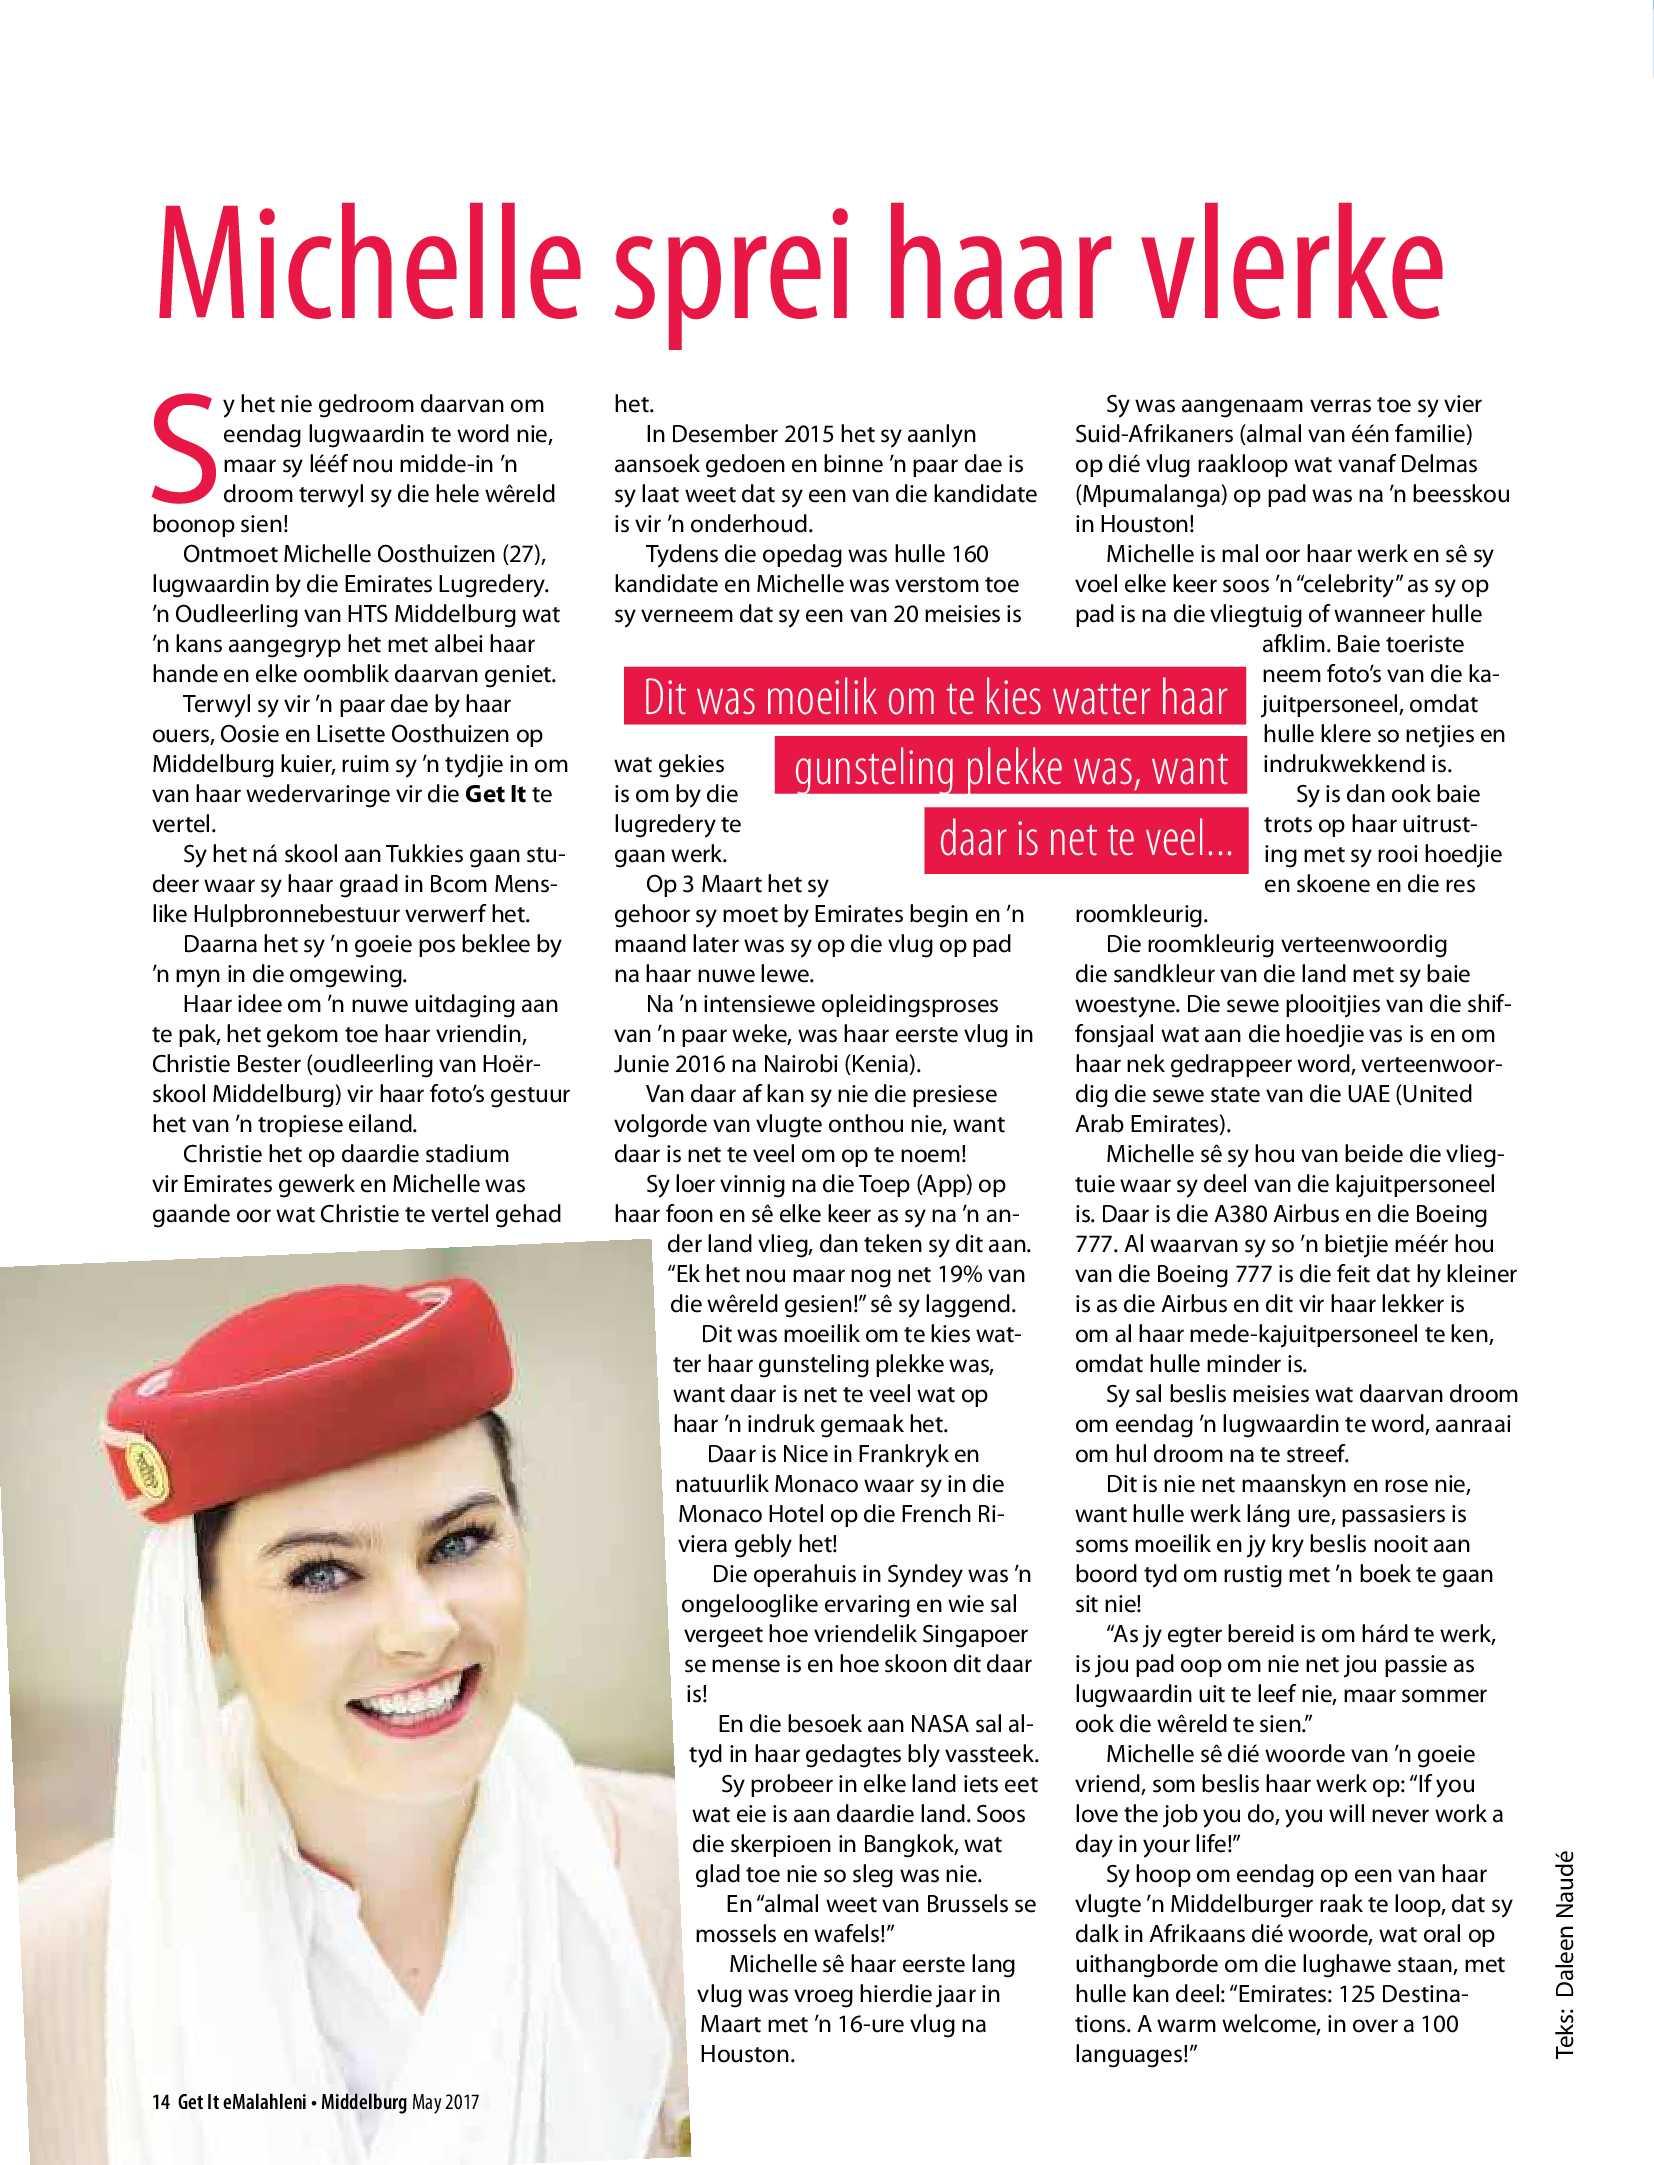 get-middelburg-may-2017-epapers-page-16